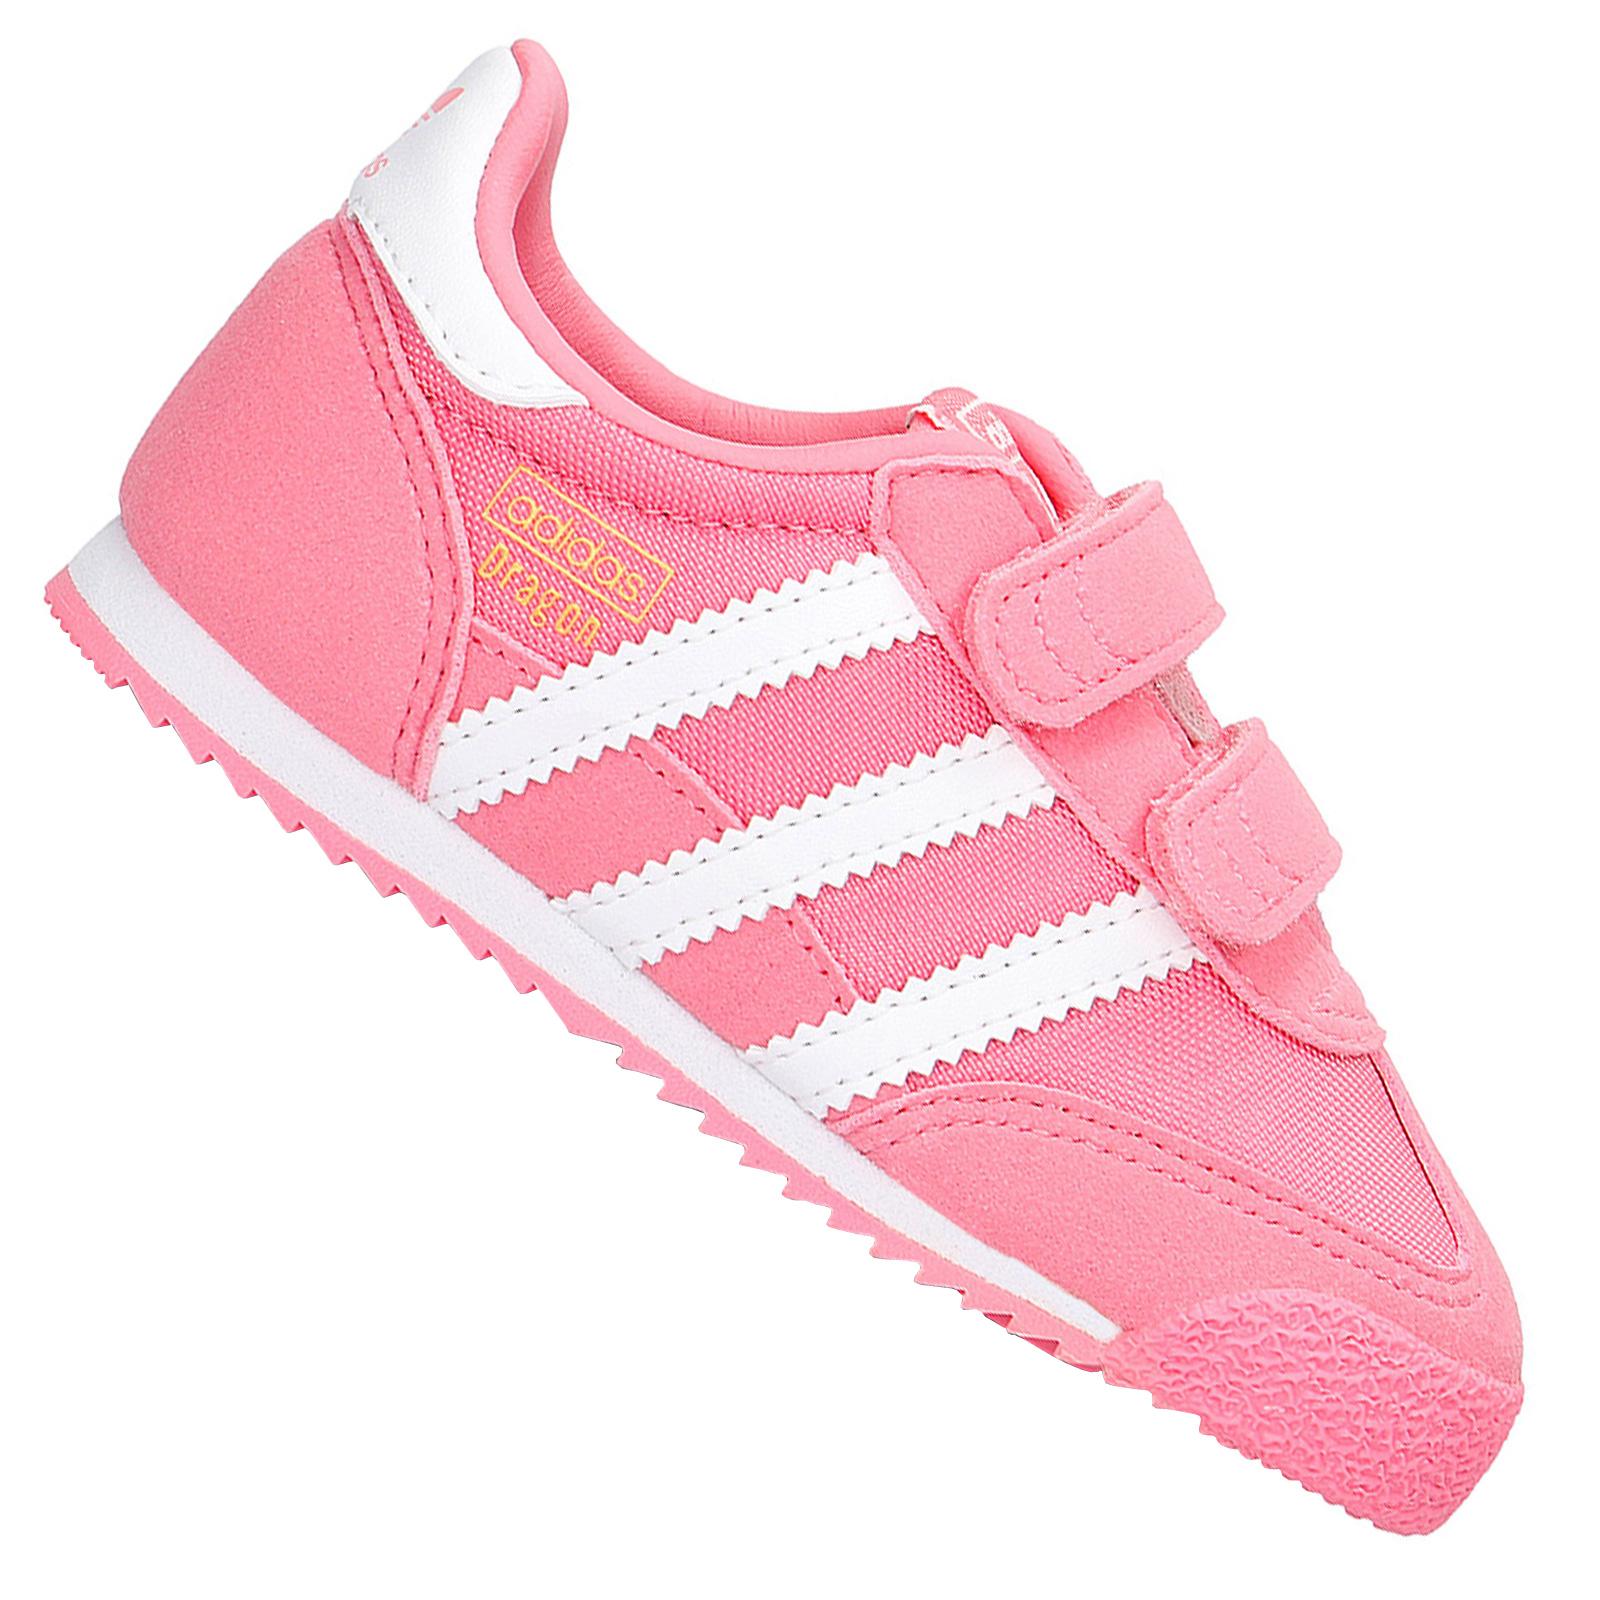 Dettagli su Adidas Originals Dragon Bambini Ragazza Walker Scarpe da Ginnastica BB2500 Rosa